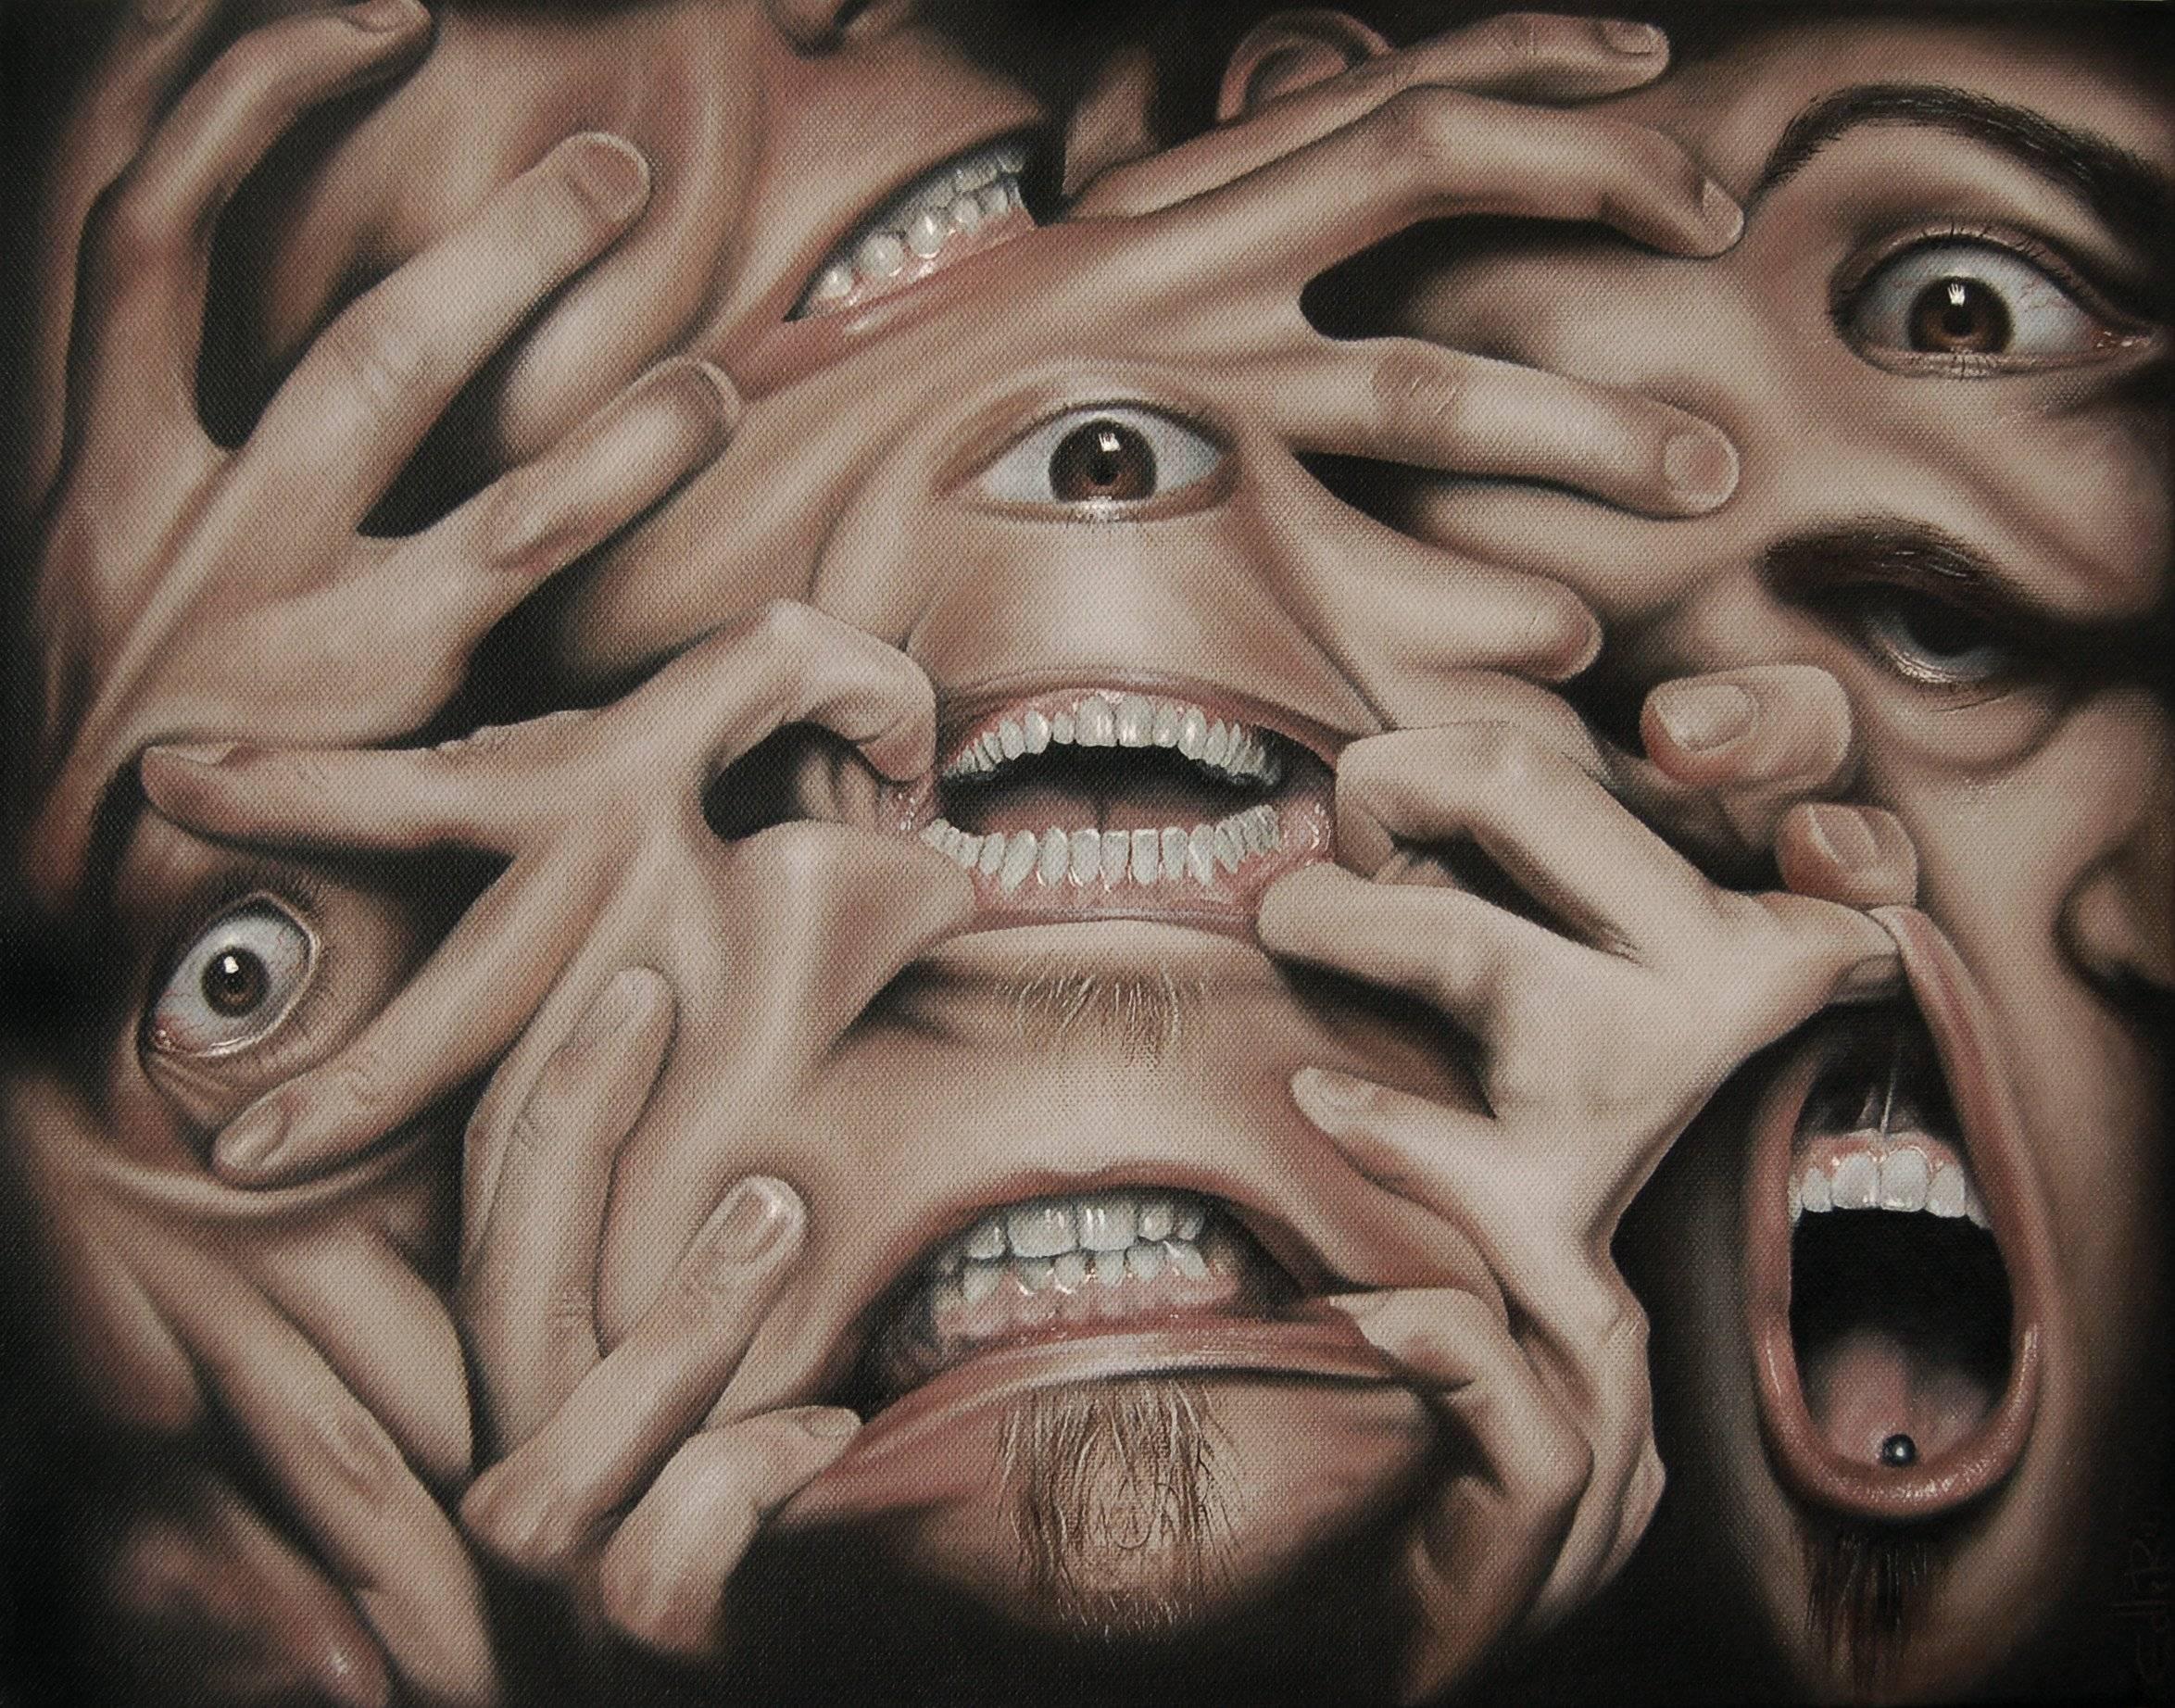 Галлюцинаторный синдром симптомы и лечение